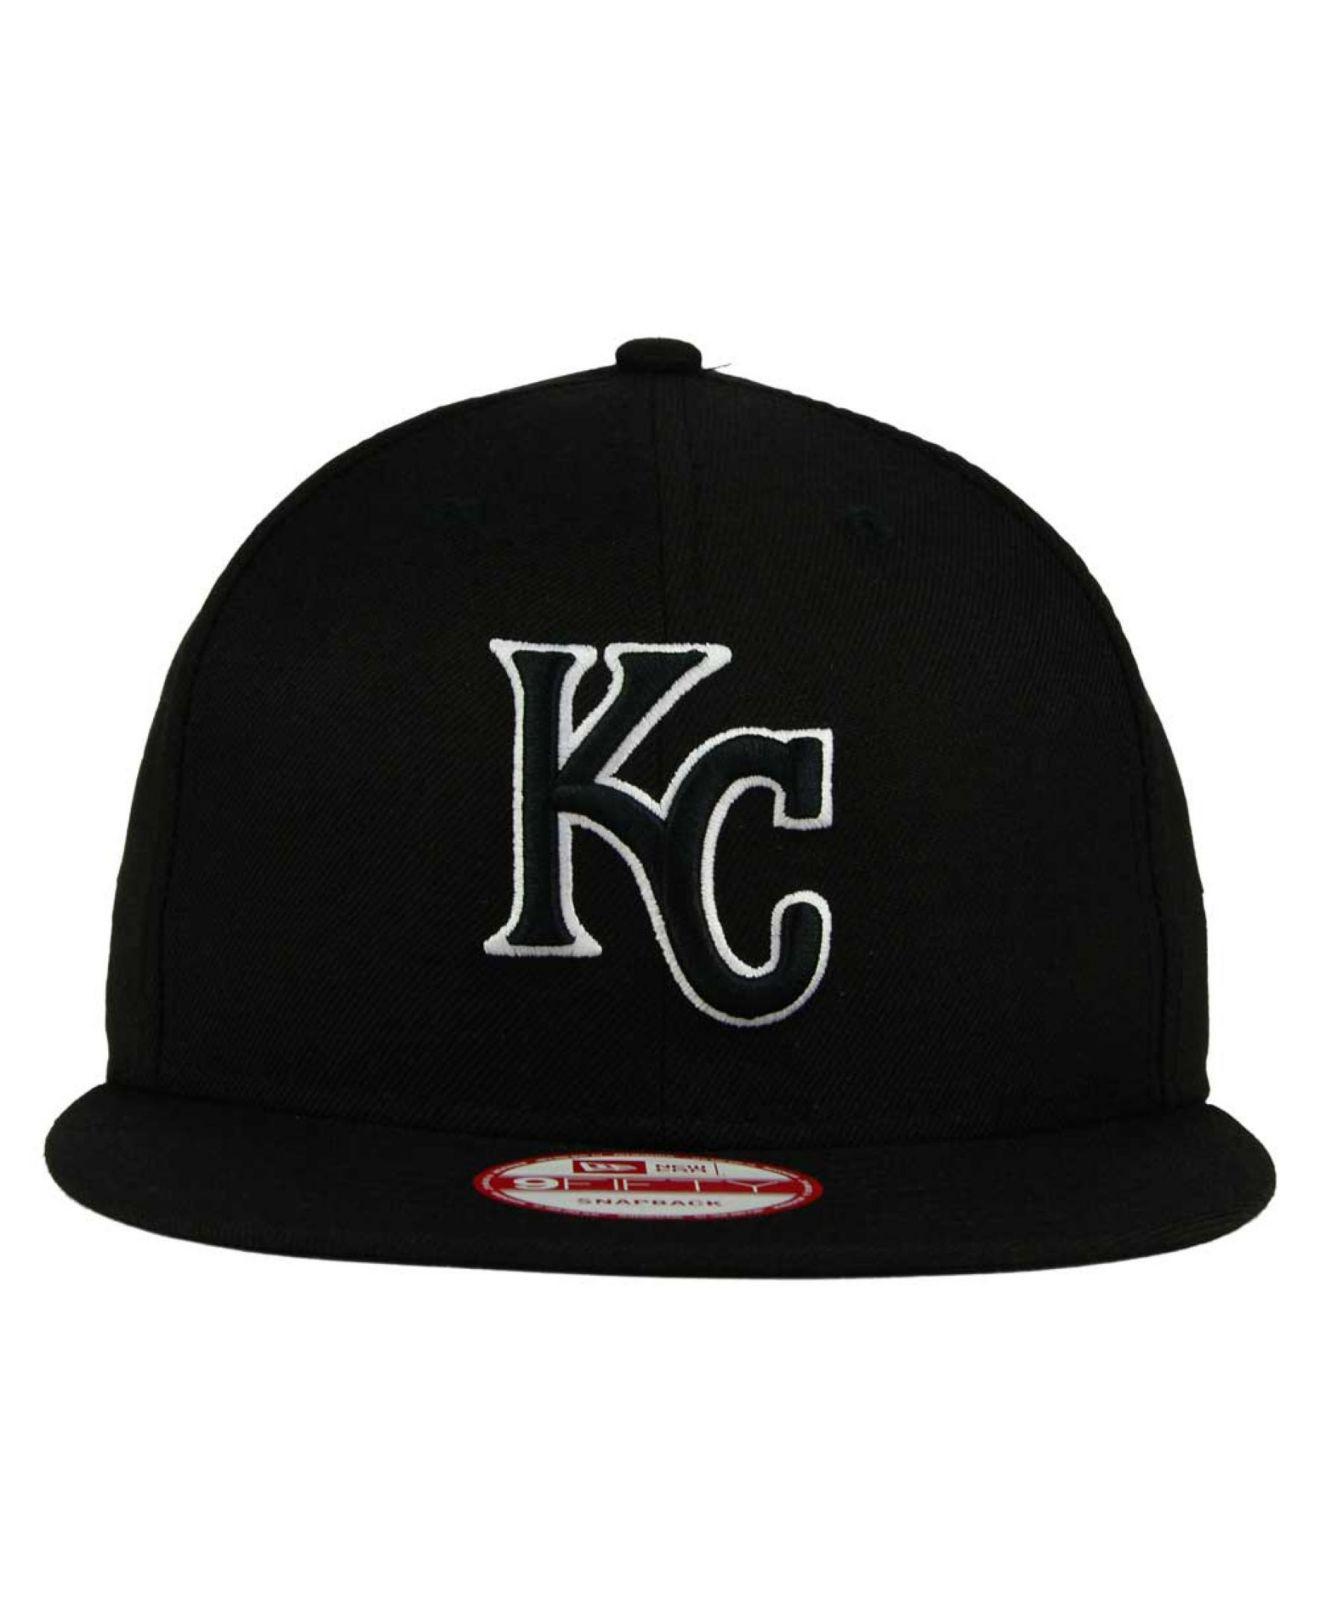 best loved 20cdd d5490 KTZ Kansas City Royals Black White 9fifty Snapback Cap in Black for Men -  Lyst